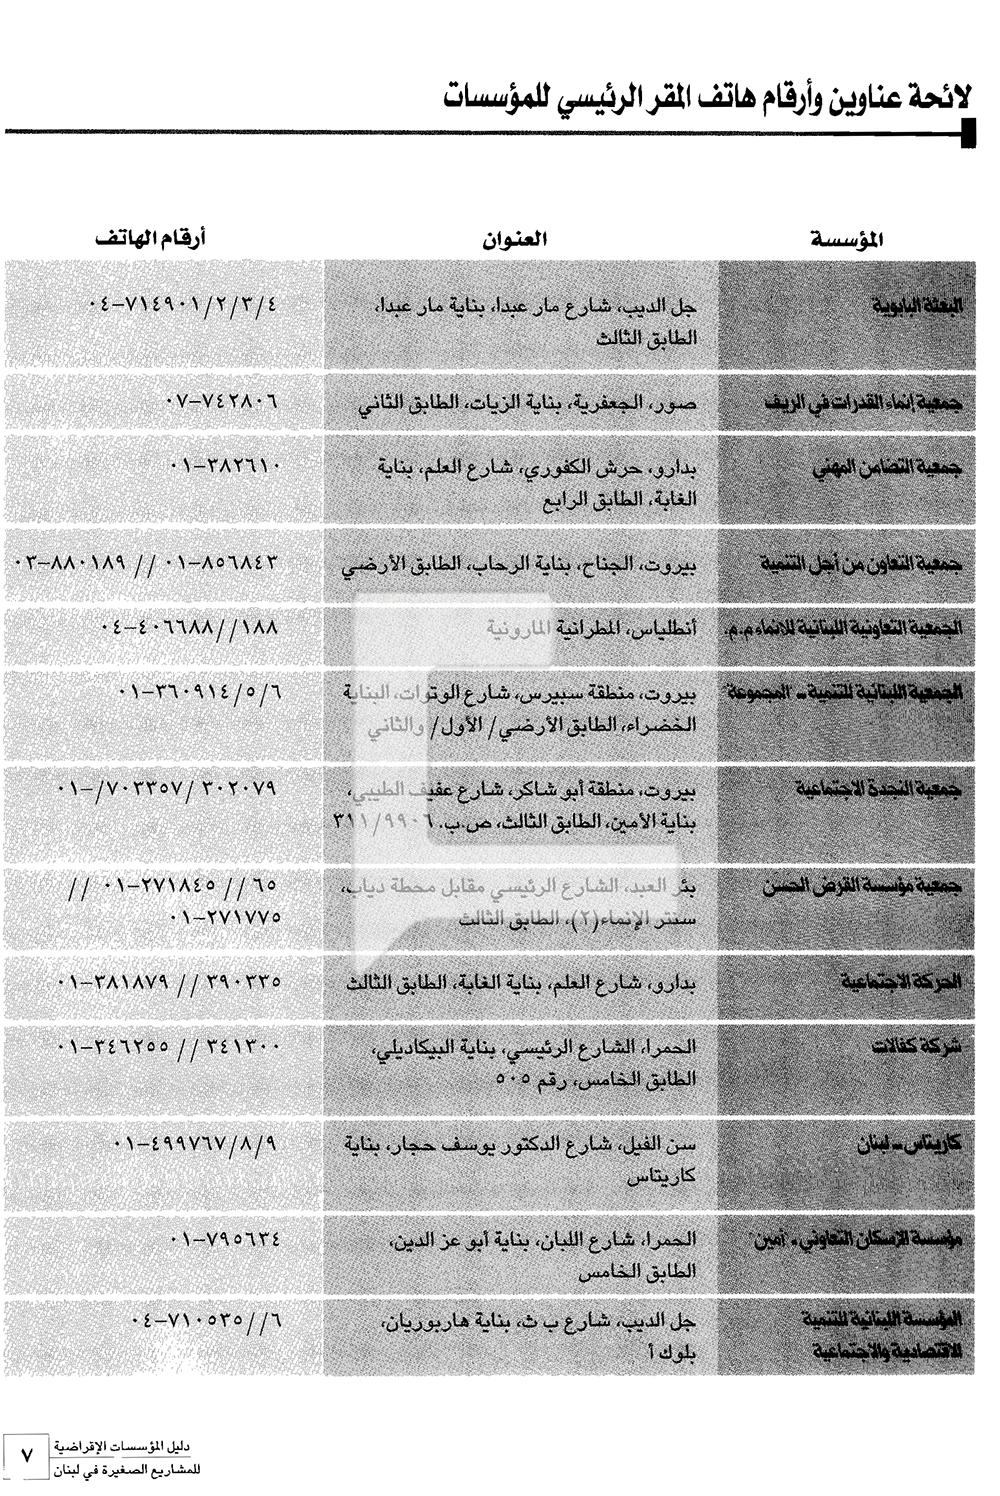 السيد نصر الله: للإعلان عن نتائج تحقيق انفجار المرفأ.. والقرض الحسن لا يموّل حزب الله